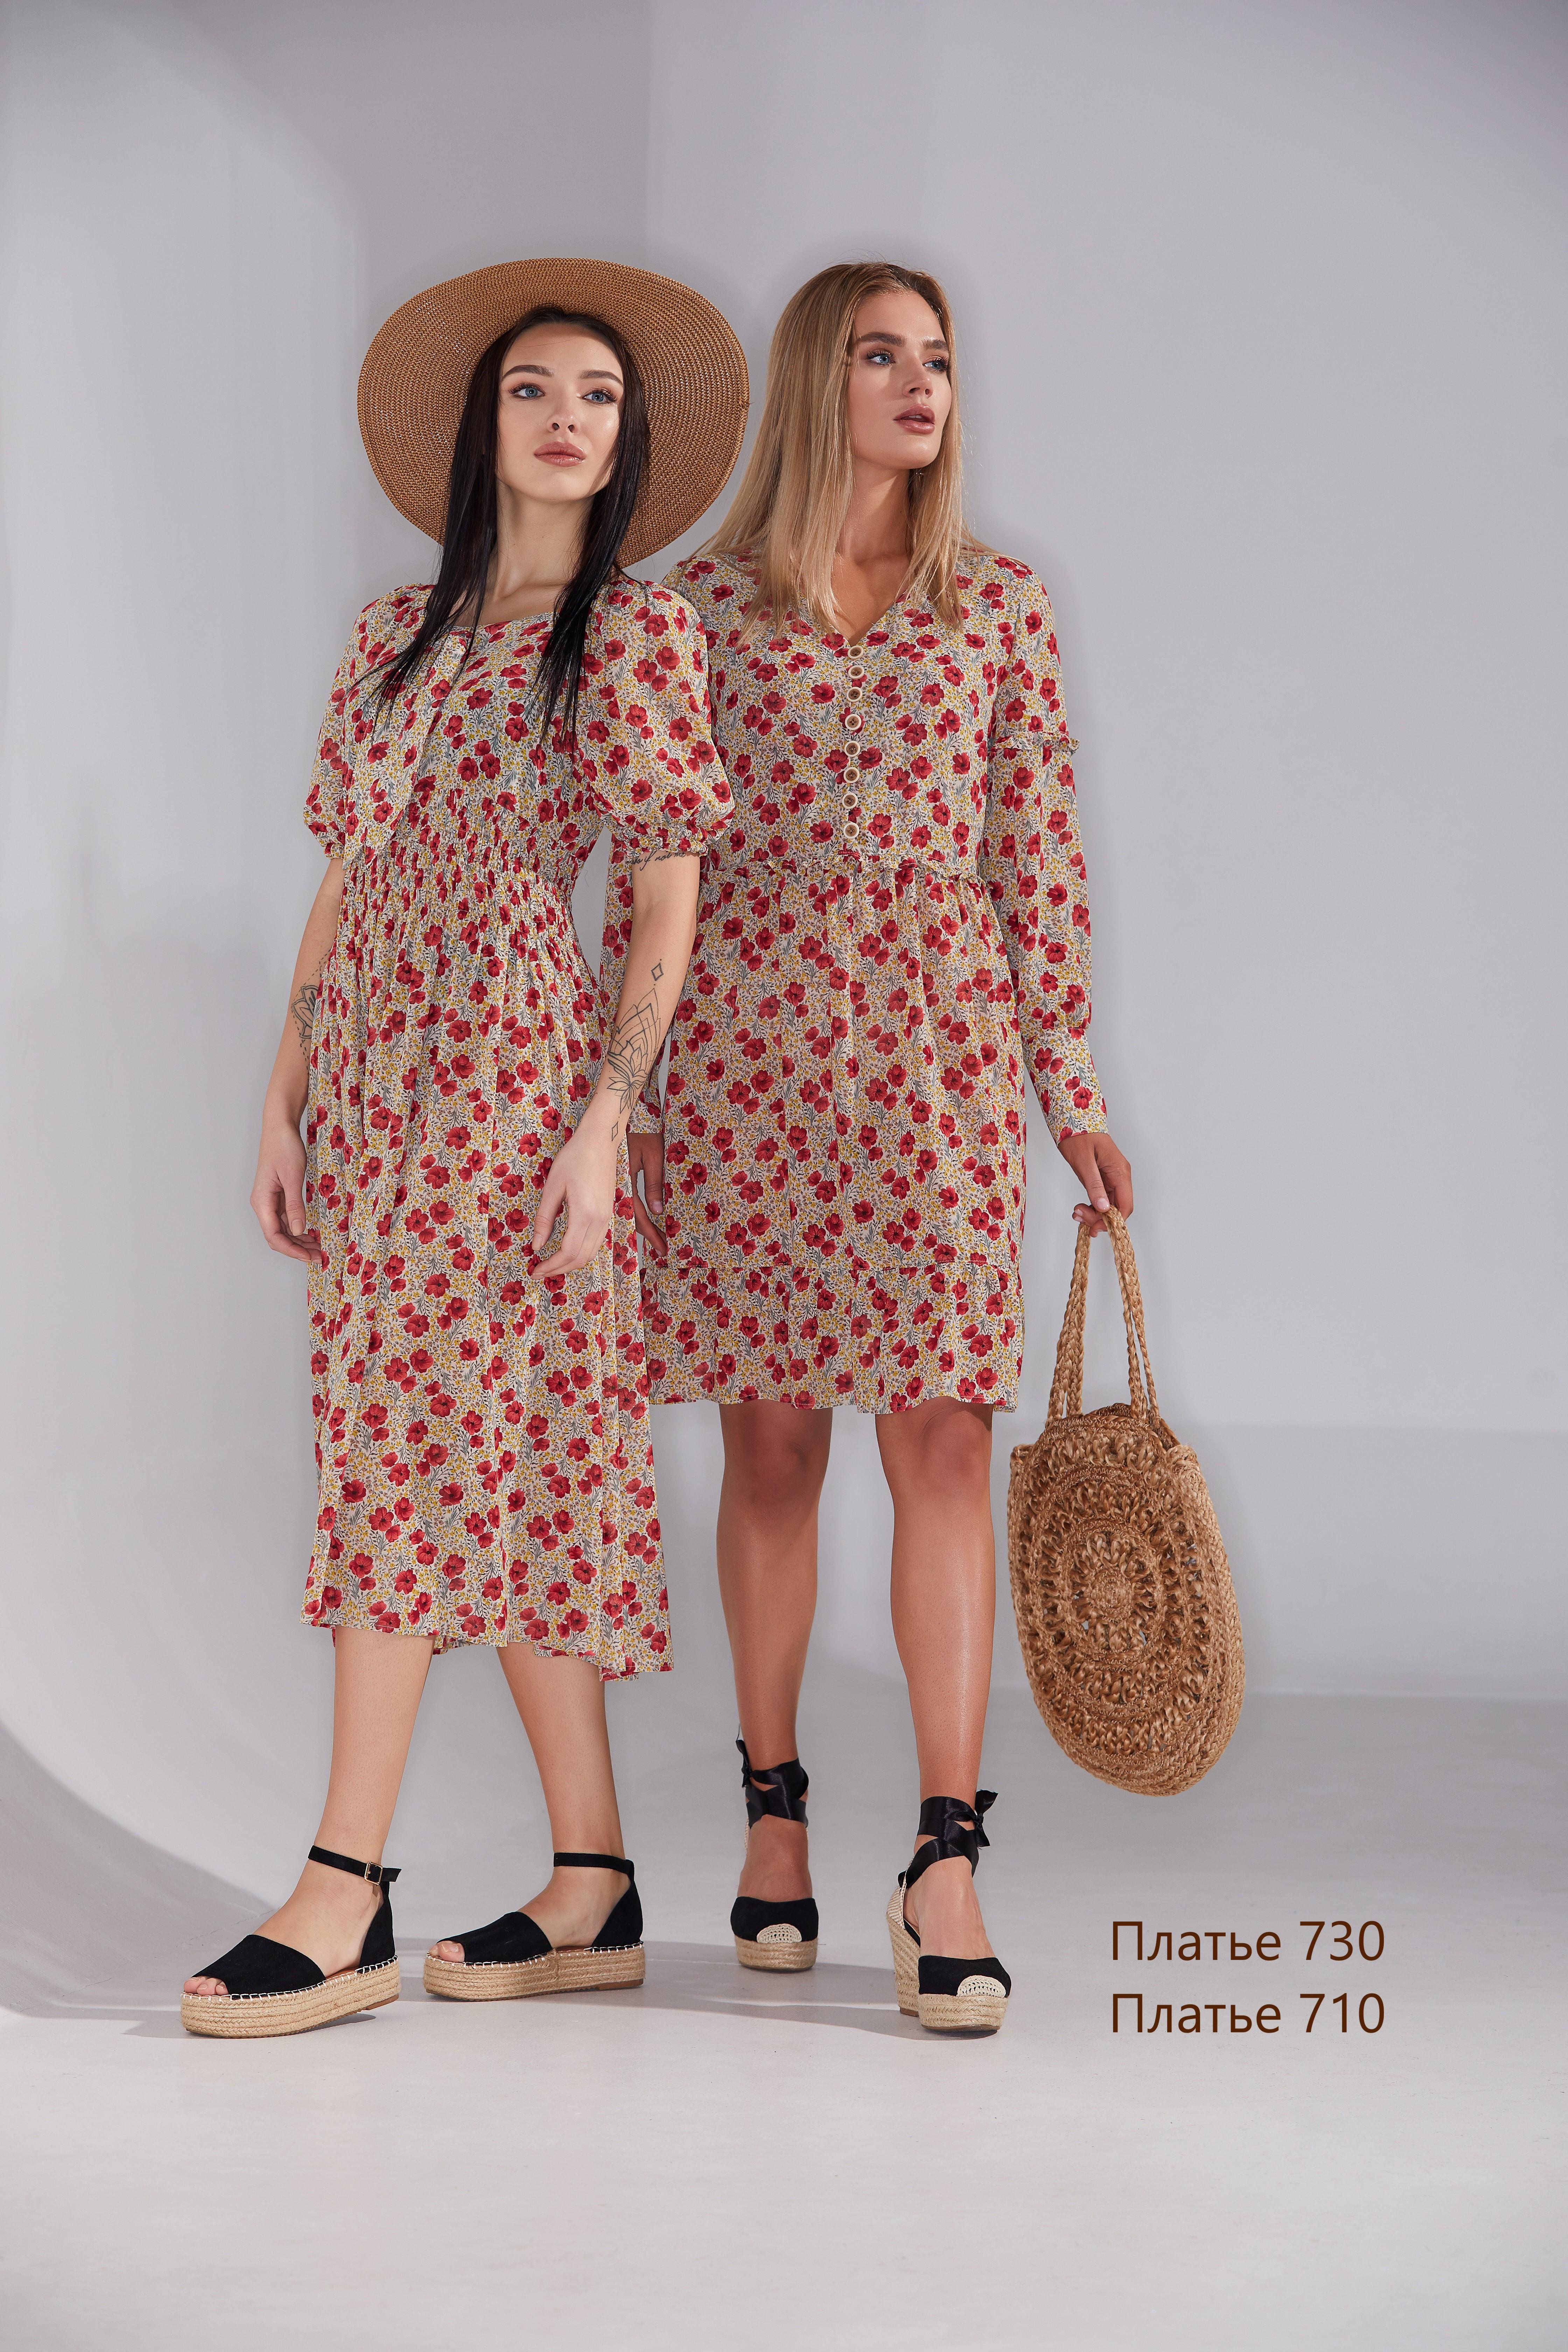 Платье 730, Платье 710